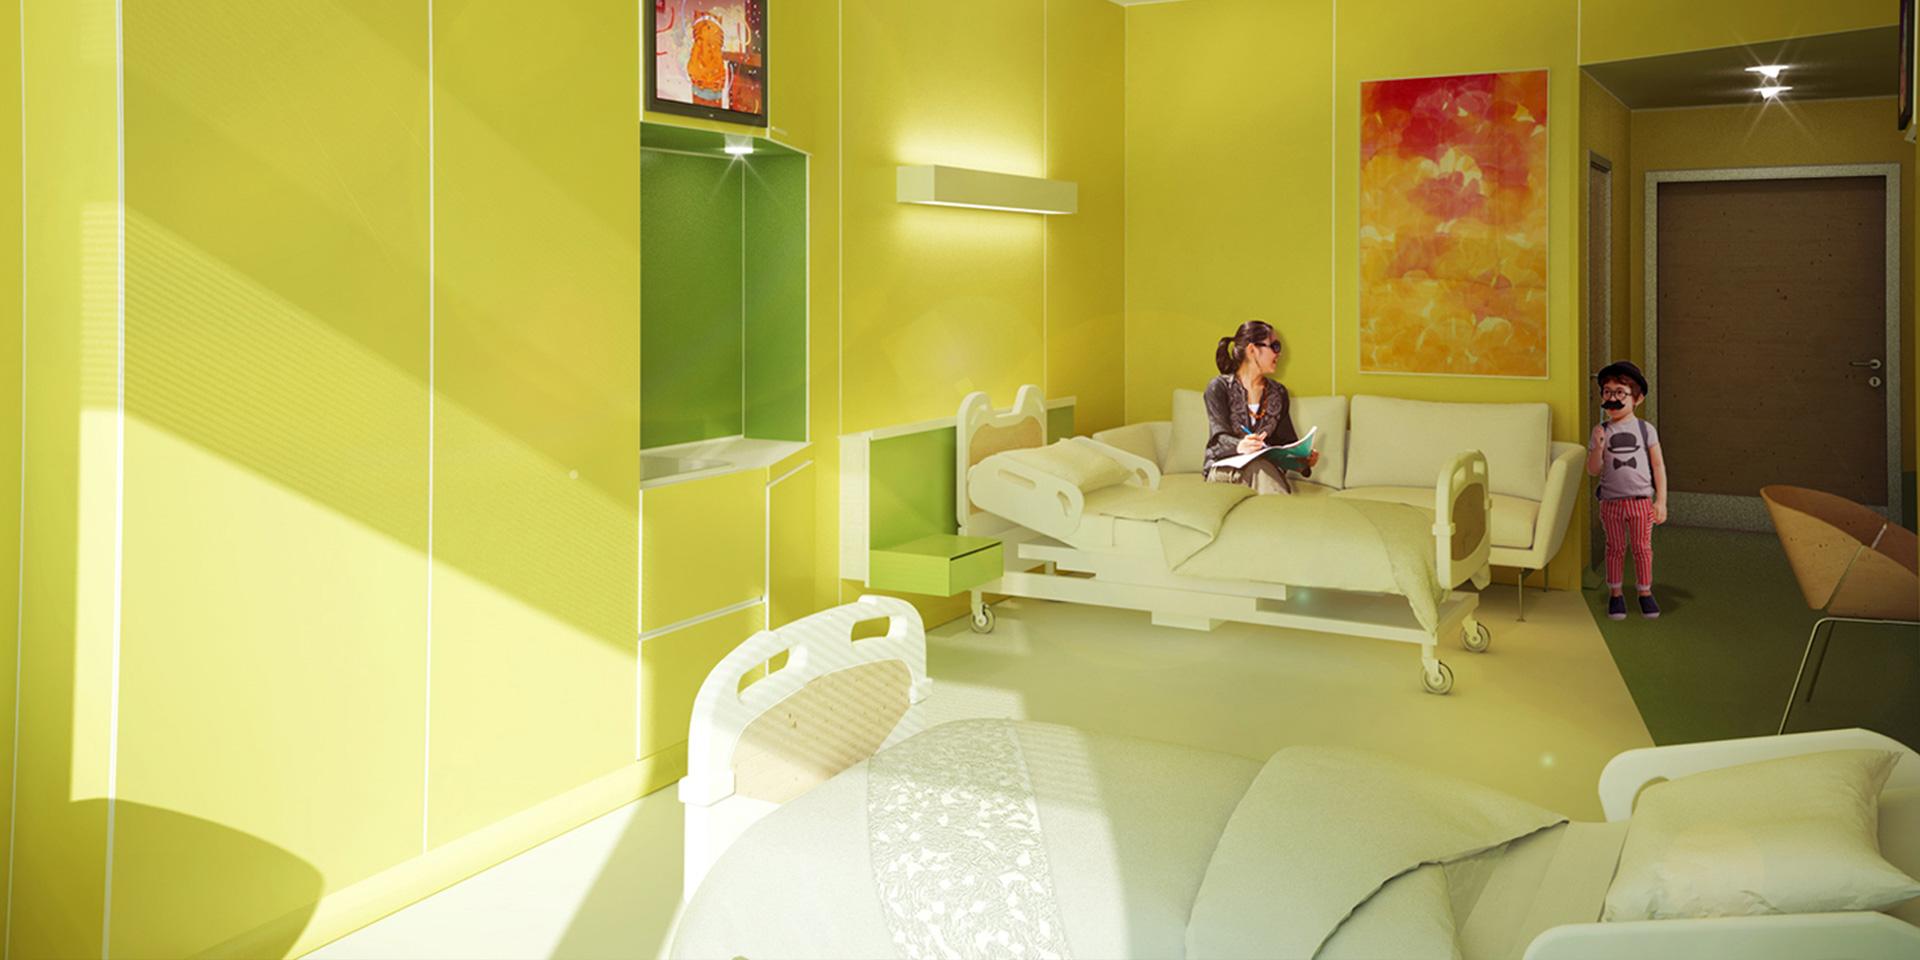 MIRE, Maternità Infanzia Reggio Emilia, Binini Partners, Società di architettura e ingegneria